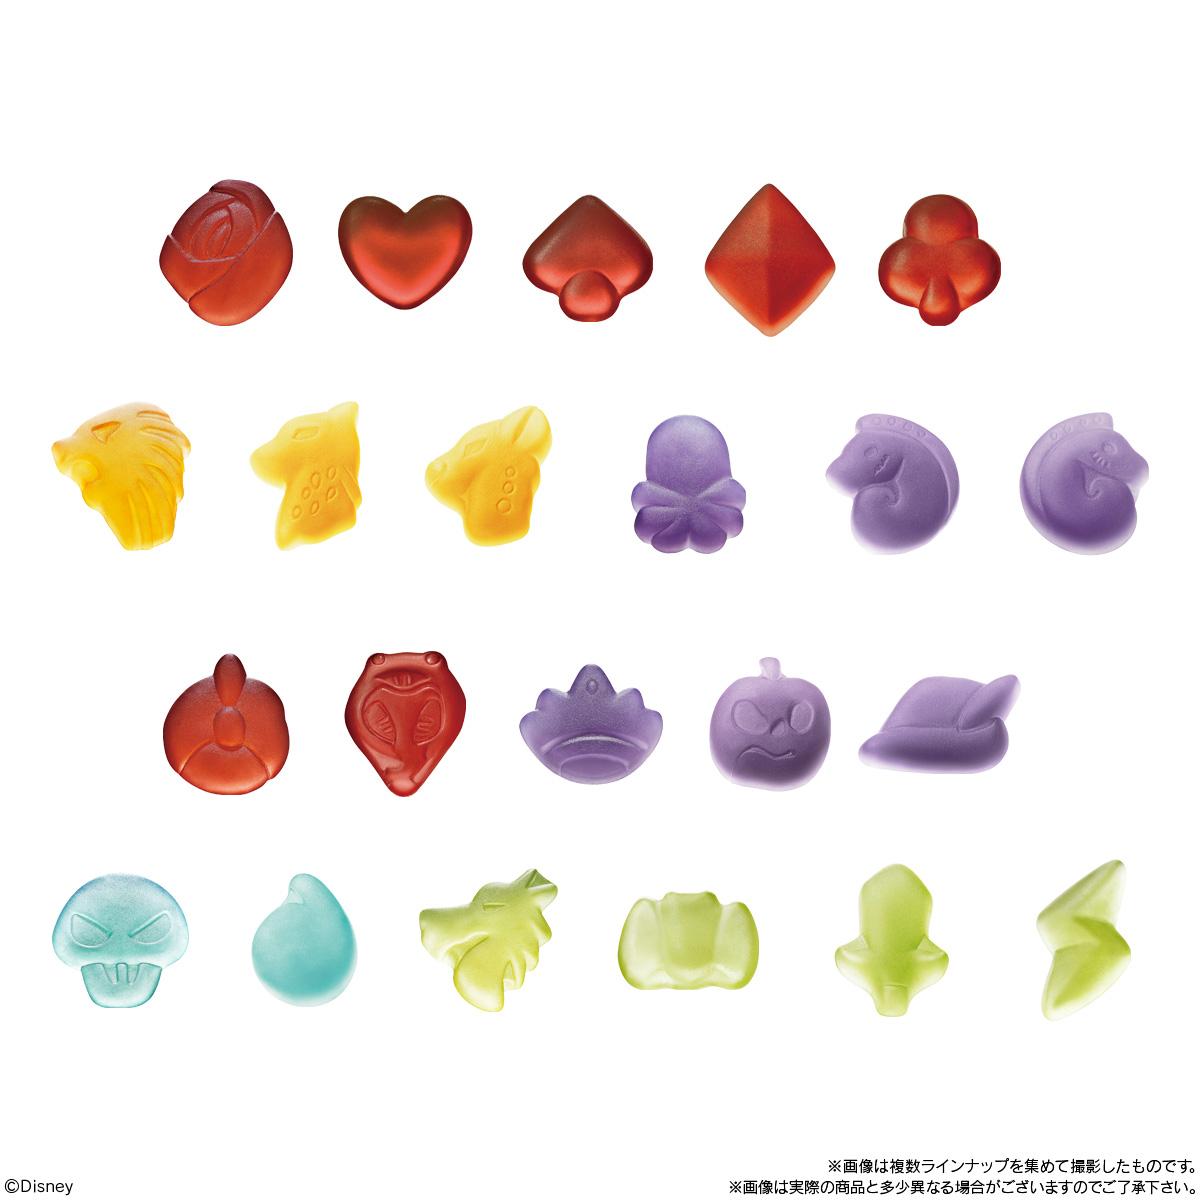 【食玩】ツイステ『ディズニー ツイステッドワンダーランド キャンディグミ2』12個入りBOX-010